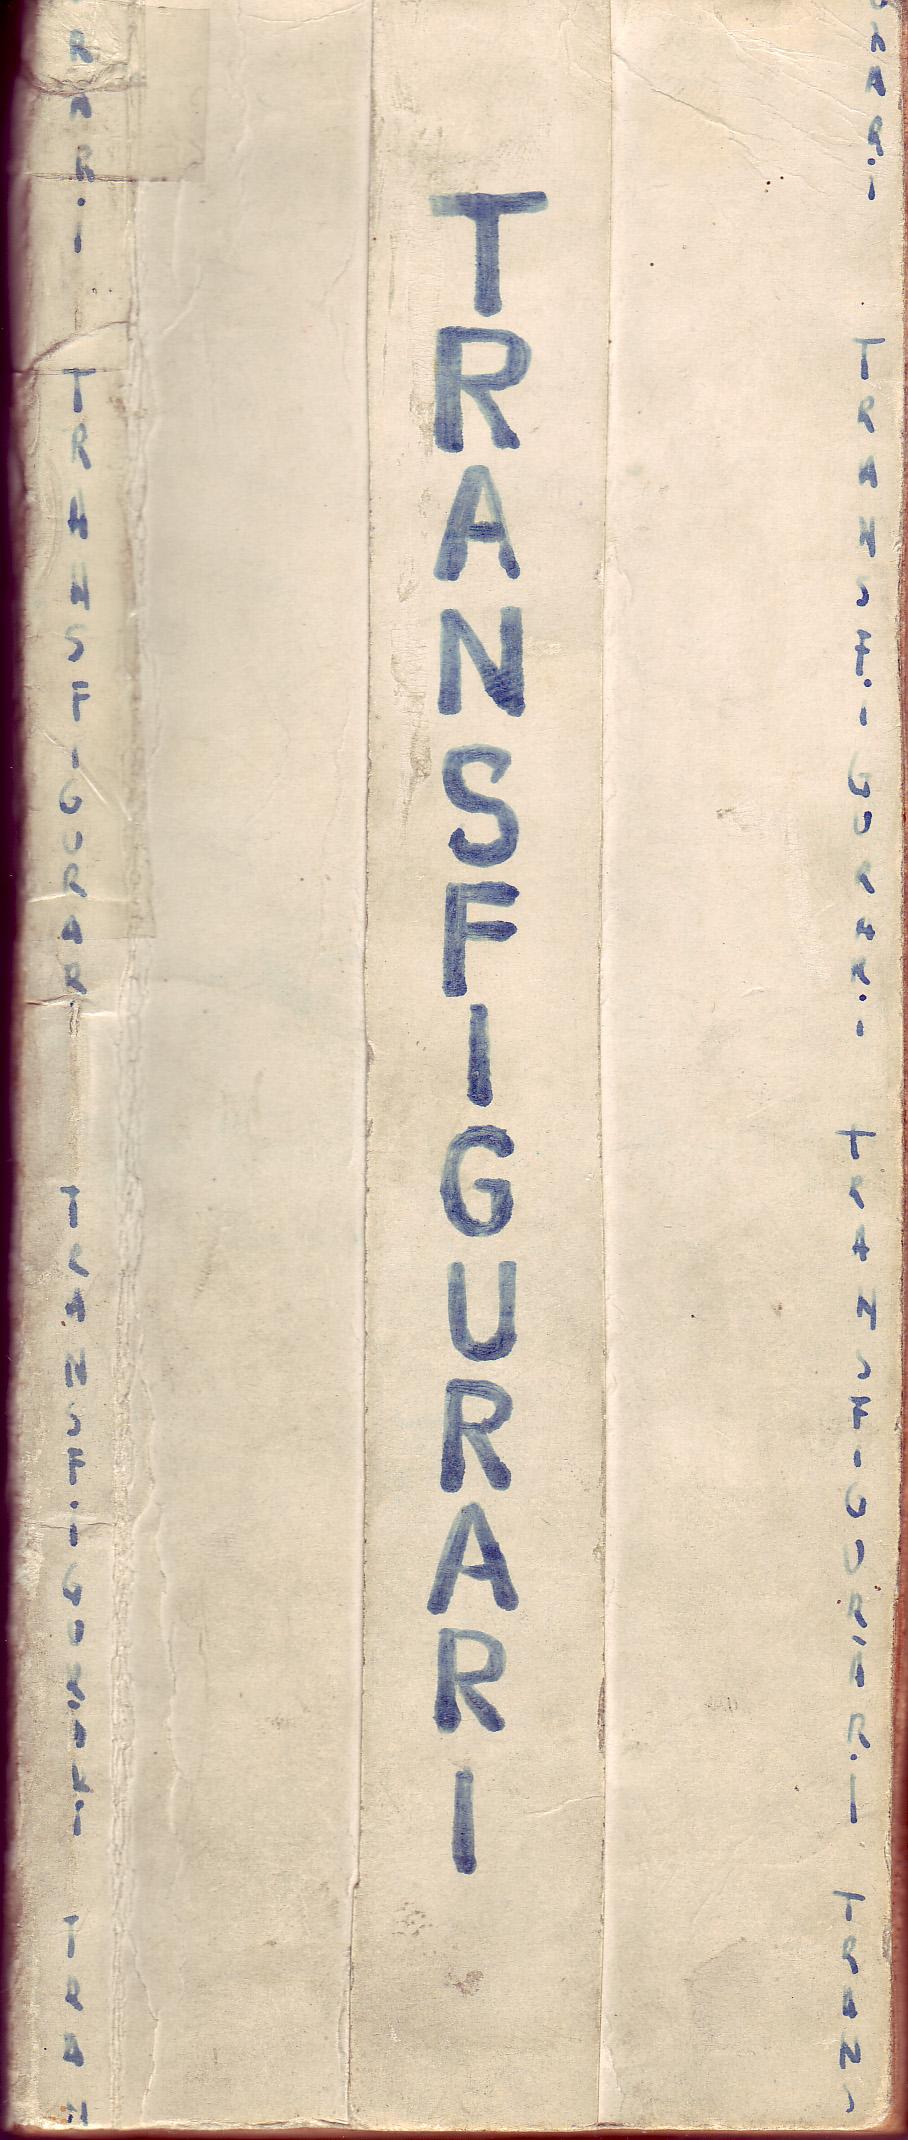 Transfigurări, Ed. Sus Arta, 1968, coperta 1, colecţia C. Poenaru